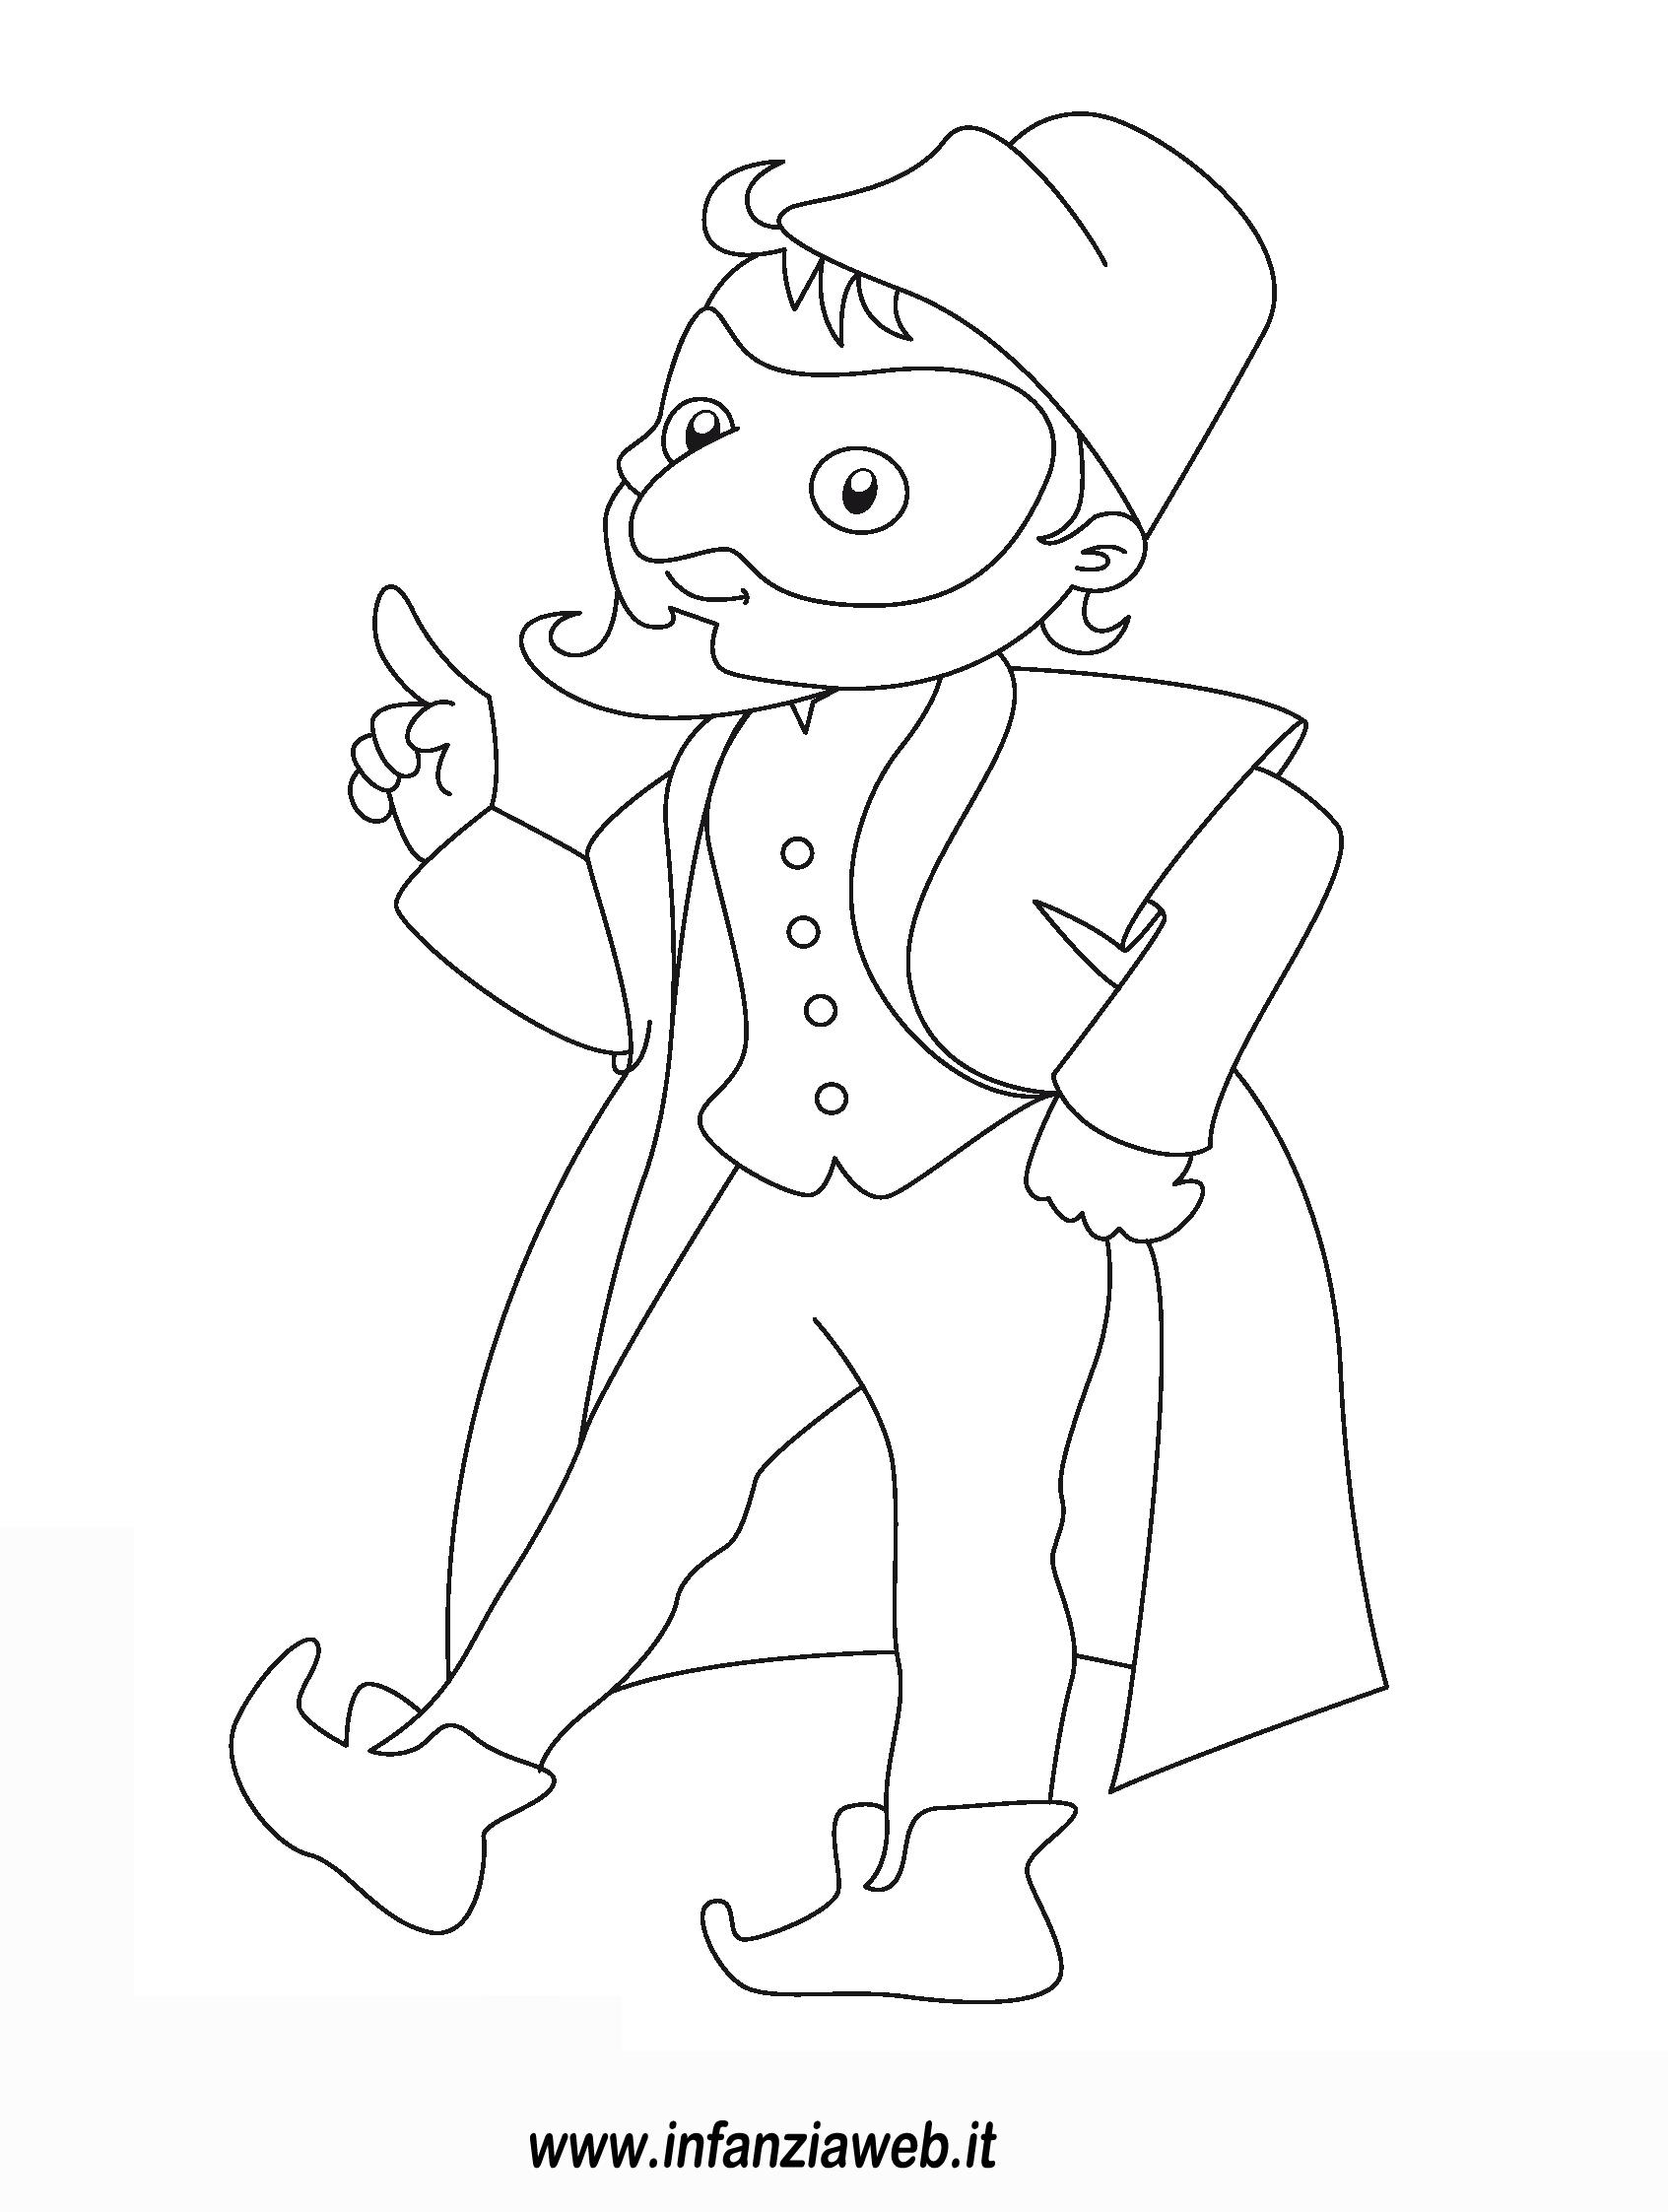 Pantalone Da Colorare.Disegni Da Colorare Categoria Carnevale Immagine Carnevale5